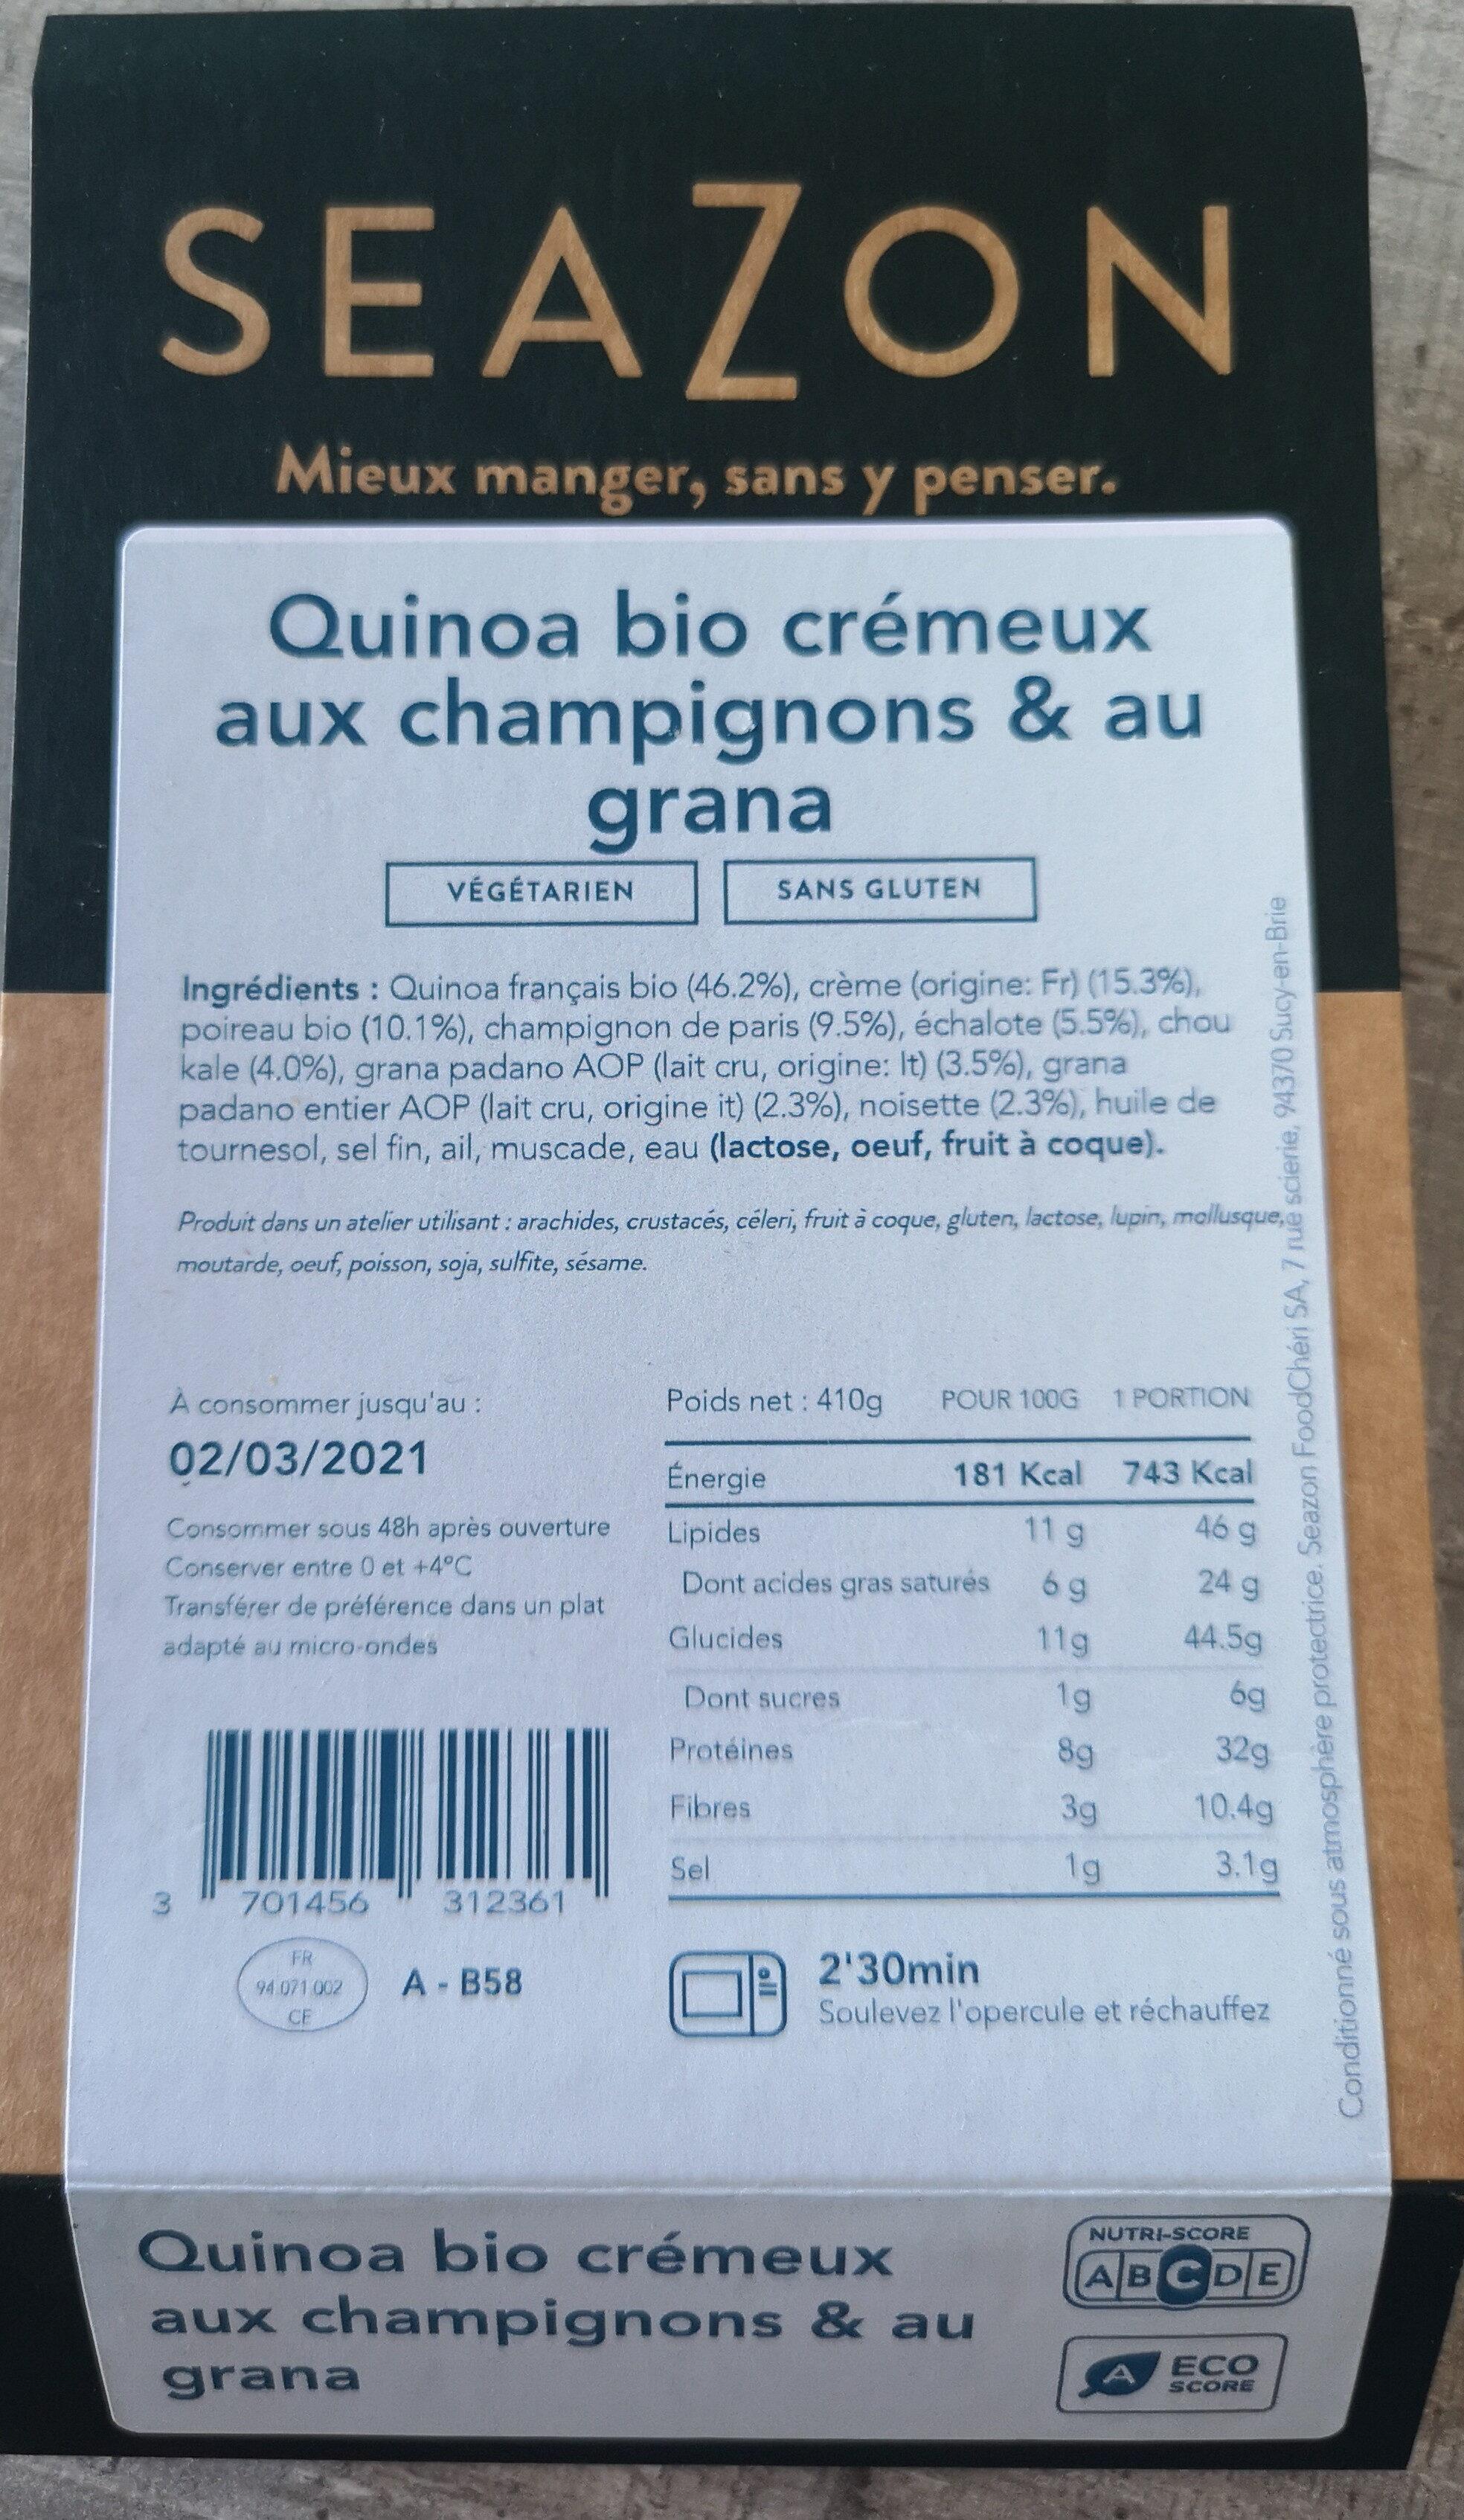 Quinoa bio crémeux aux champignons & au grana - Prodotto - fr